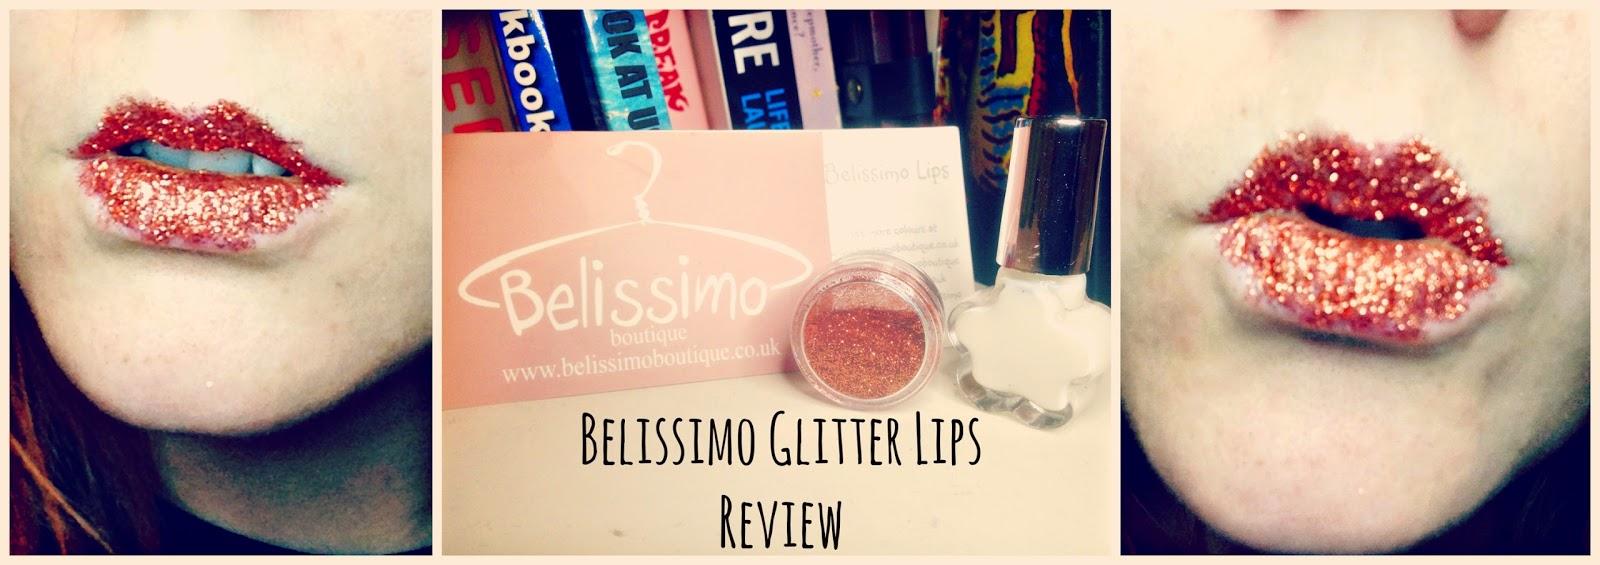 Belissimo Glitter Lips